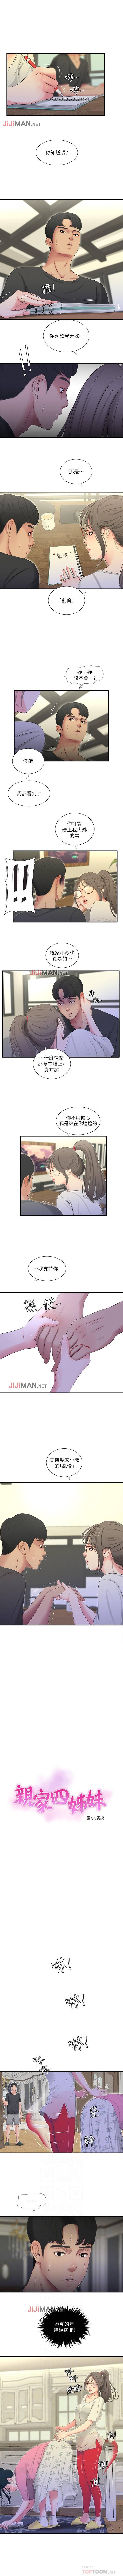 【周四连载】亲家四姐妹(作者:愛摸) 第1~31话 88